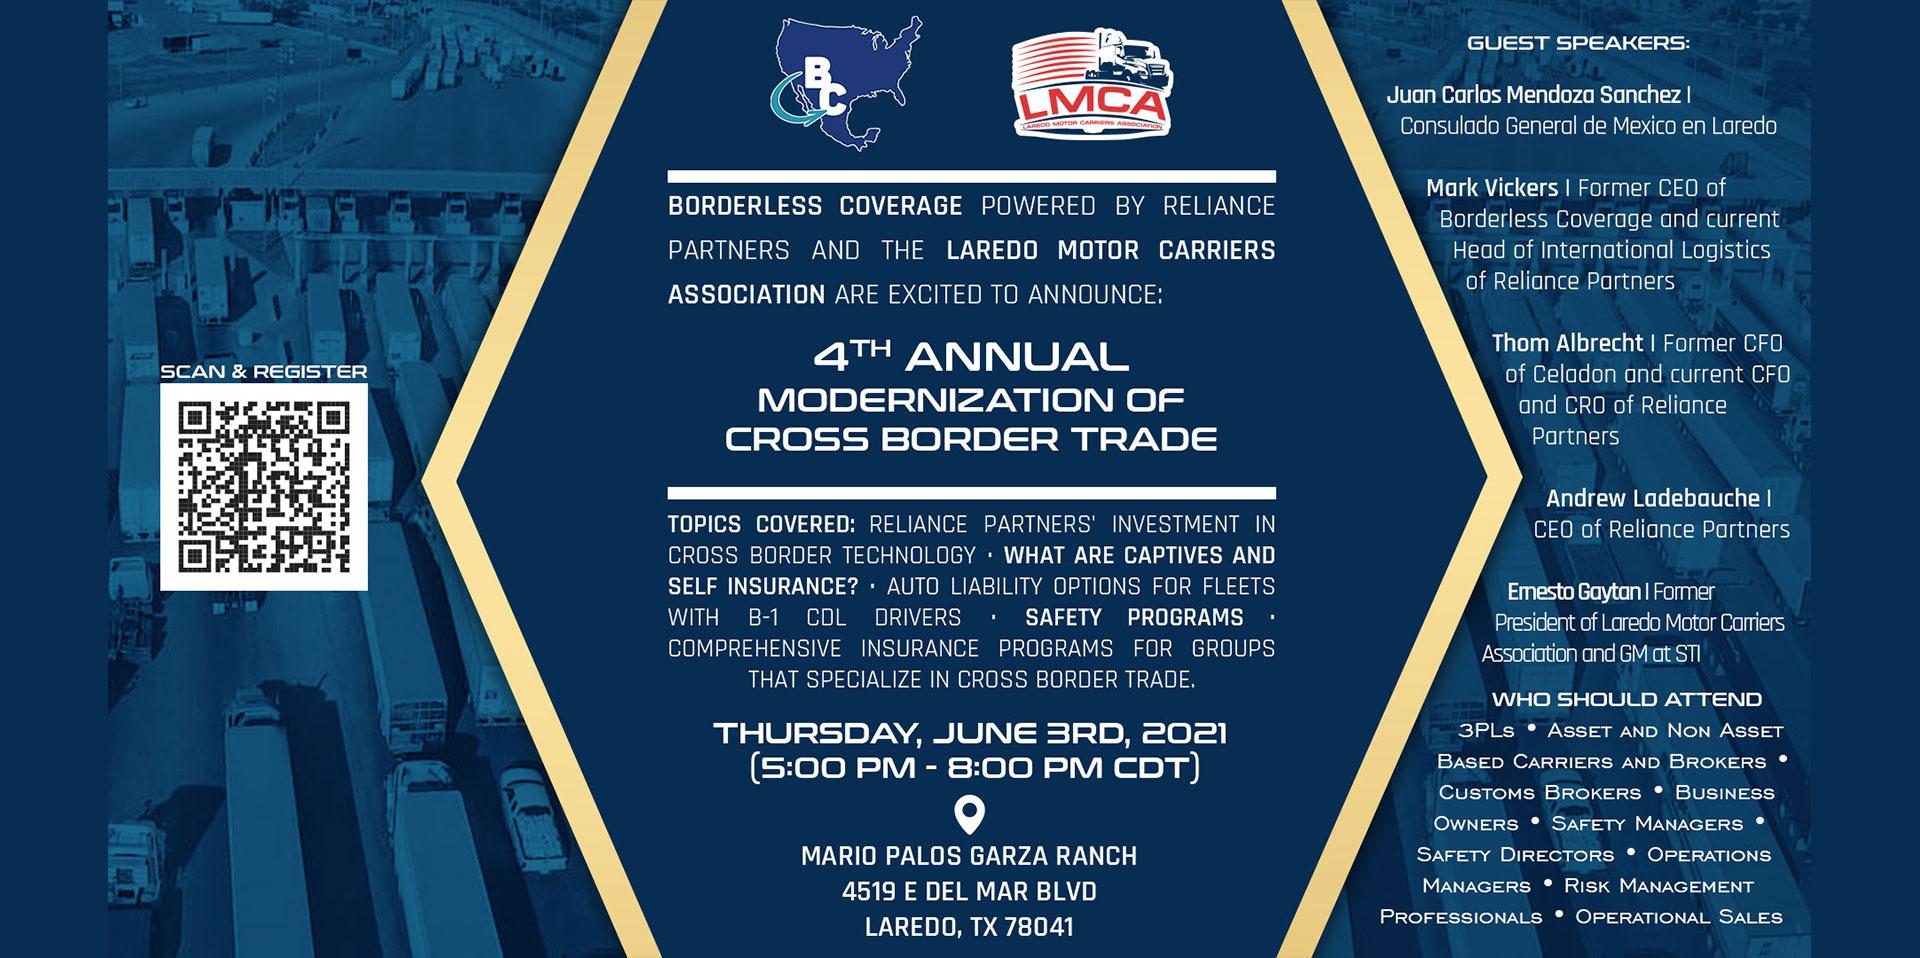 Modernization of Cross Border Trade (invitation)